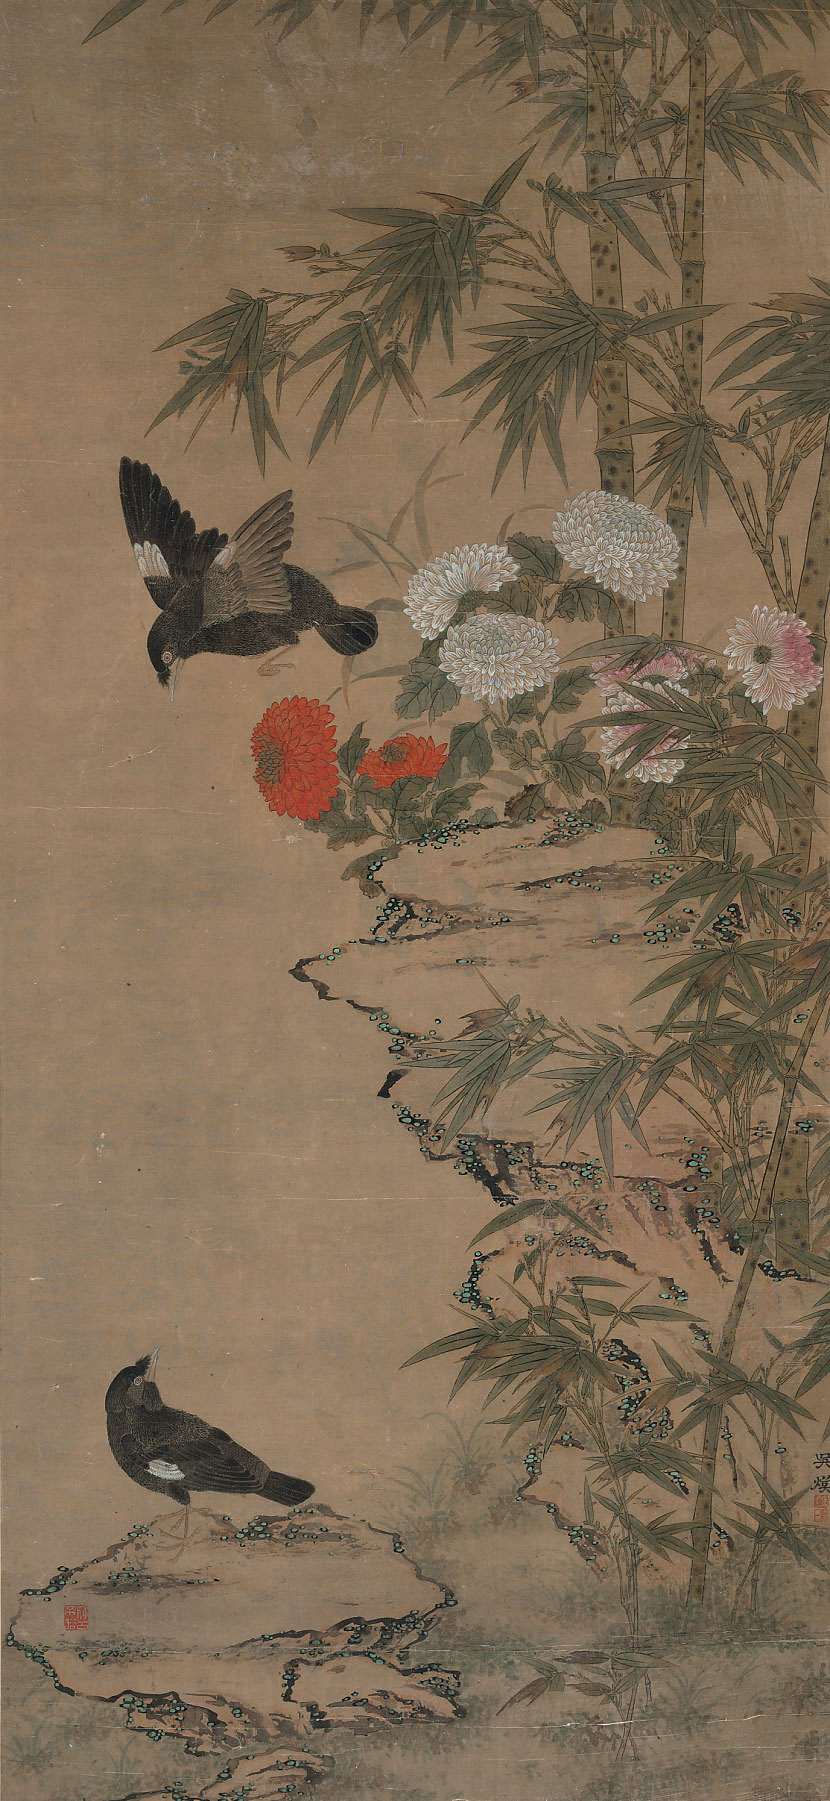 WU HUAN (17TH CENTURY)